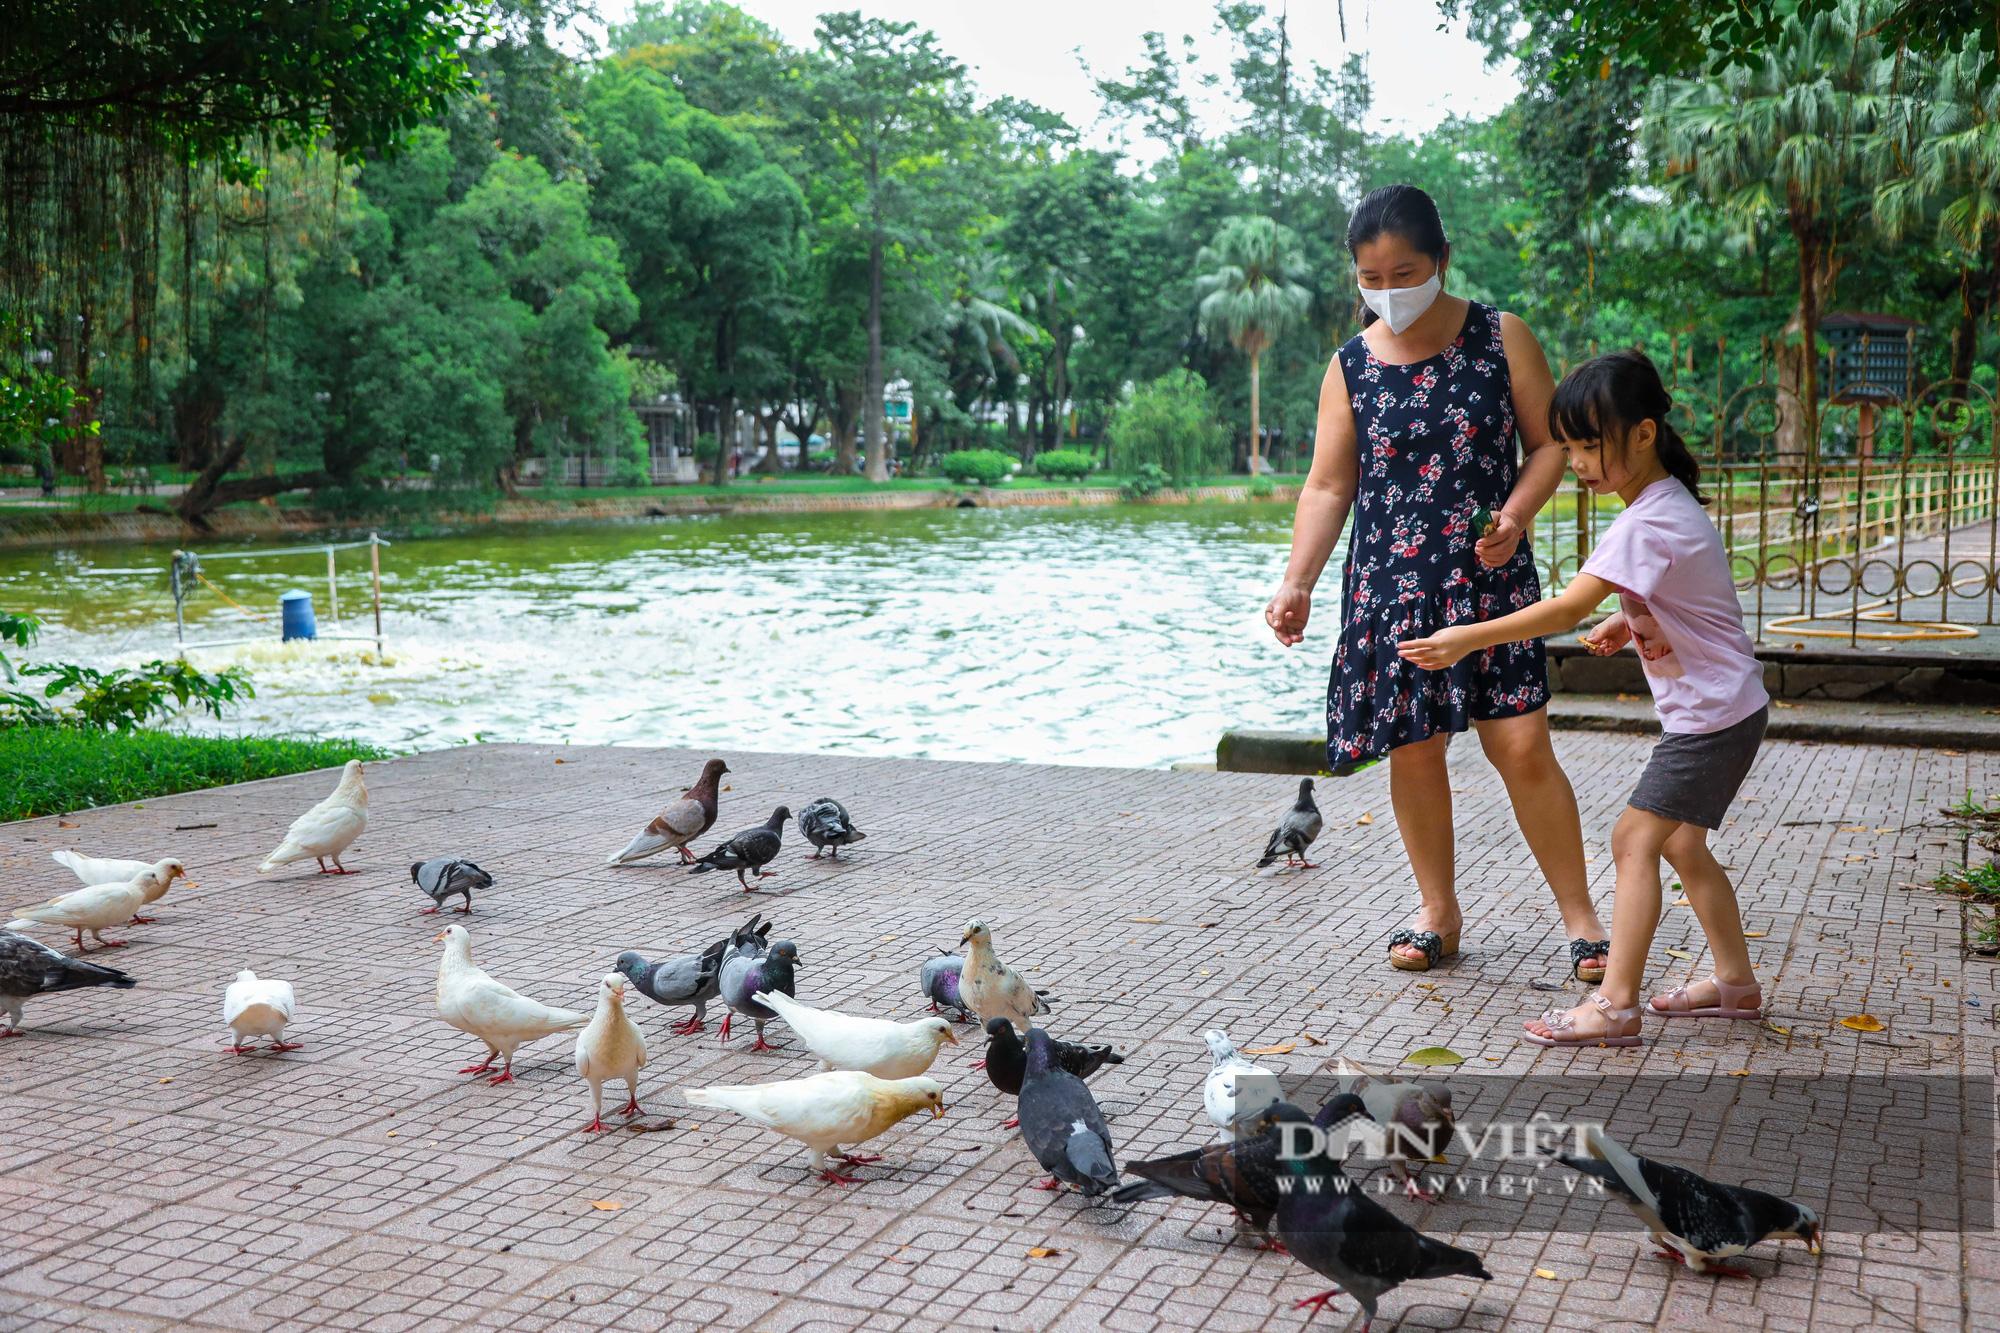 Hà Nội: Mặt nước hồ Bách Thảo bất ngờ chuyển màu vàng lạ mắt - Ảnh 11.